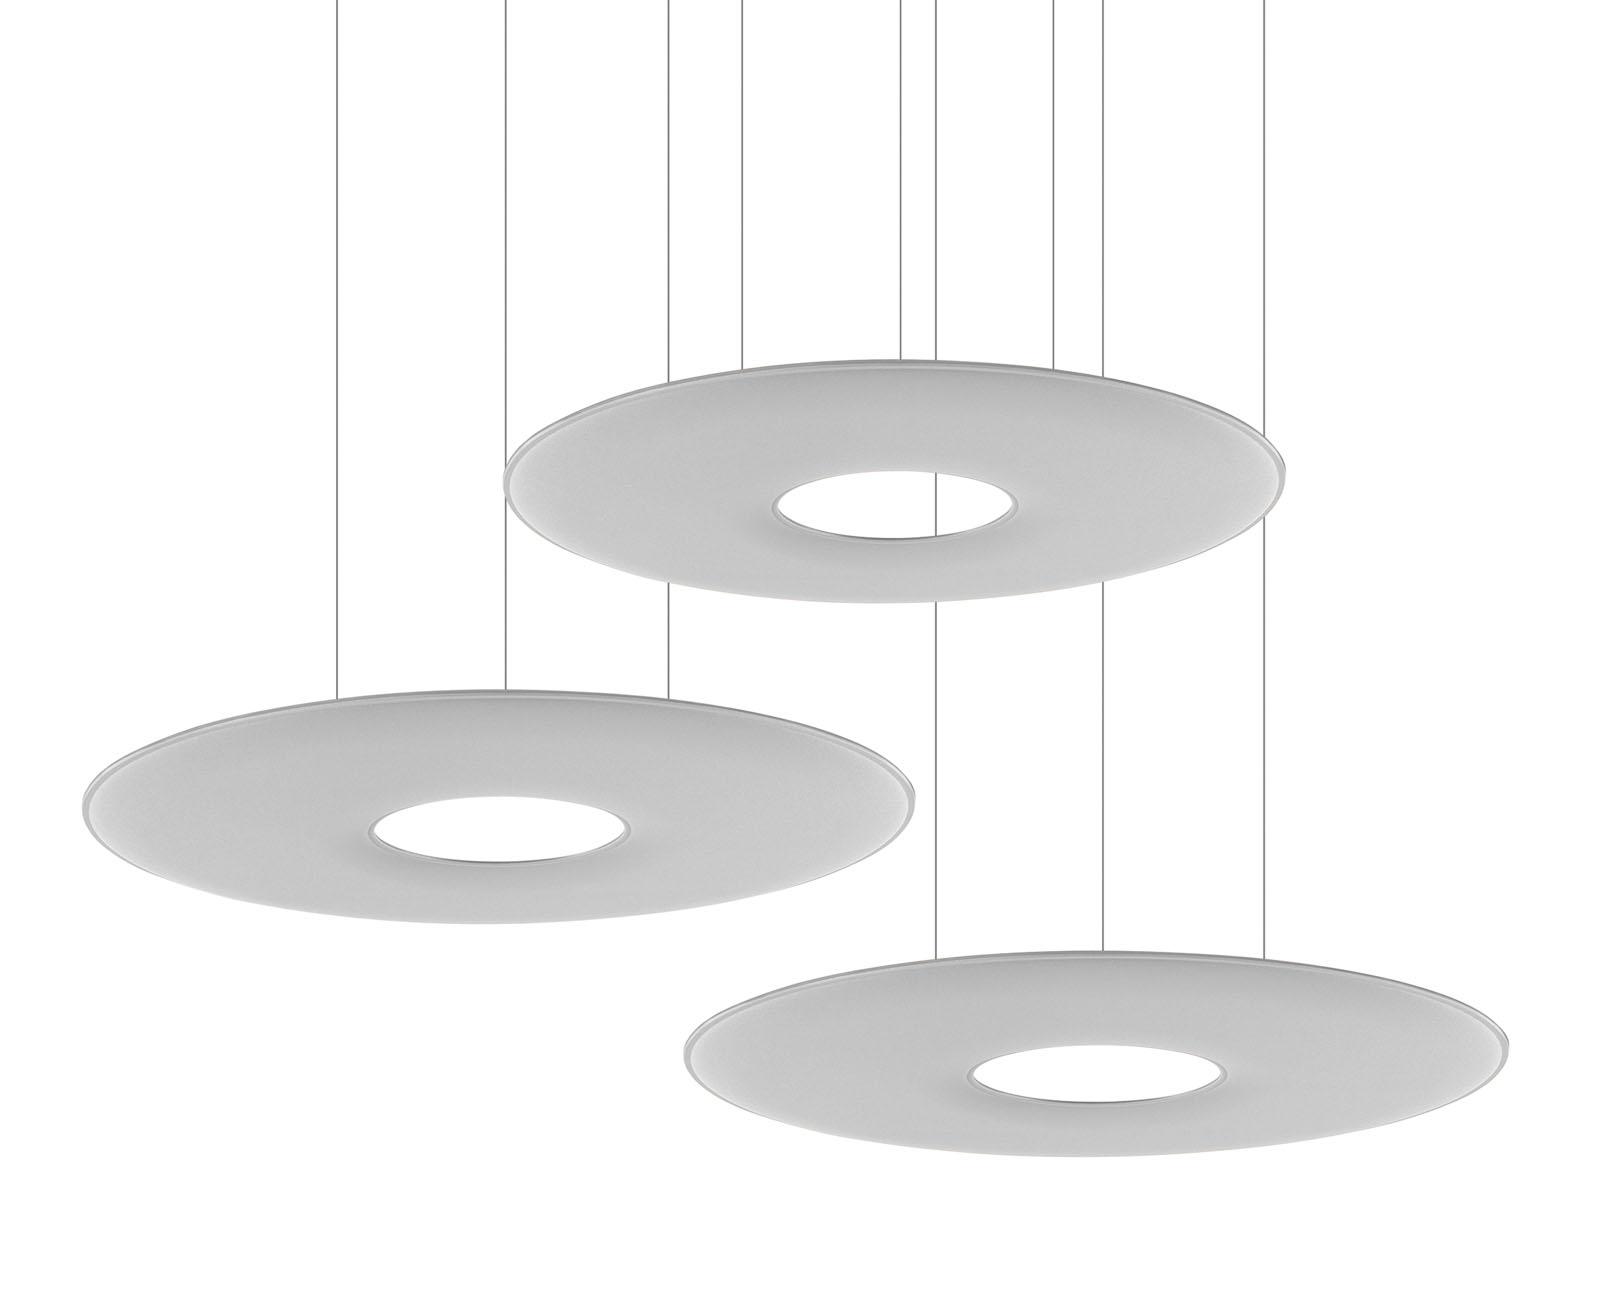 CAIMI Caimi Giotto Ceiling - Gamme de panneaux acoustiques plafond